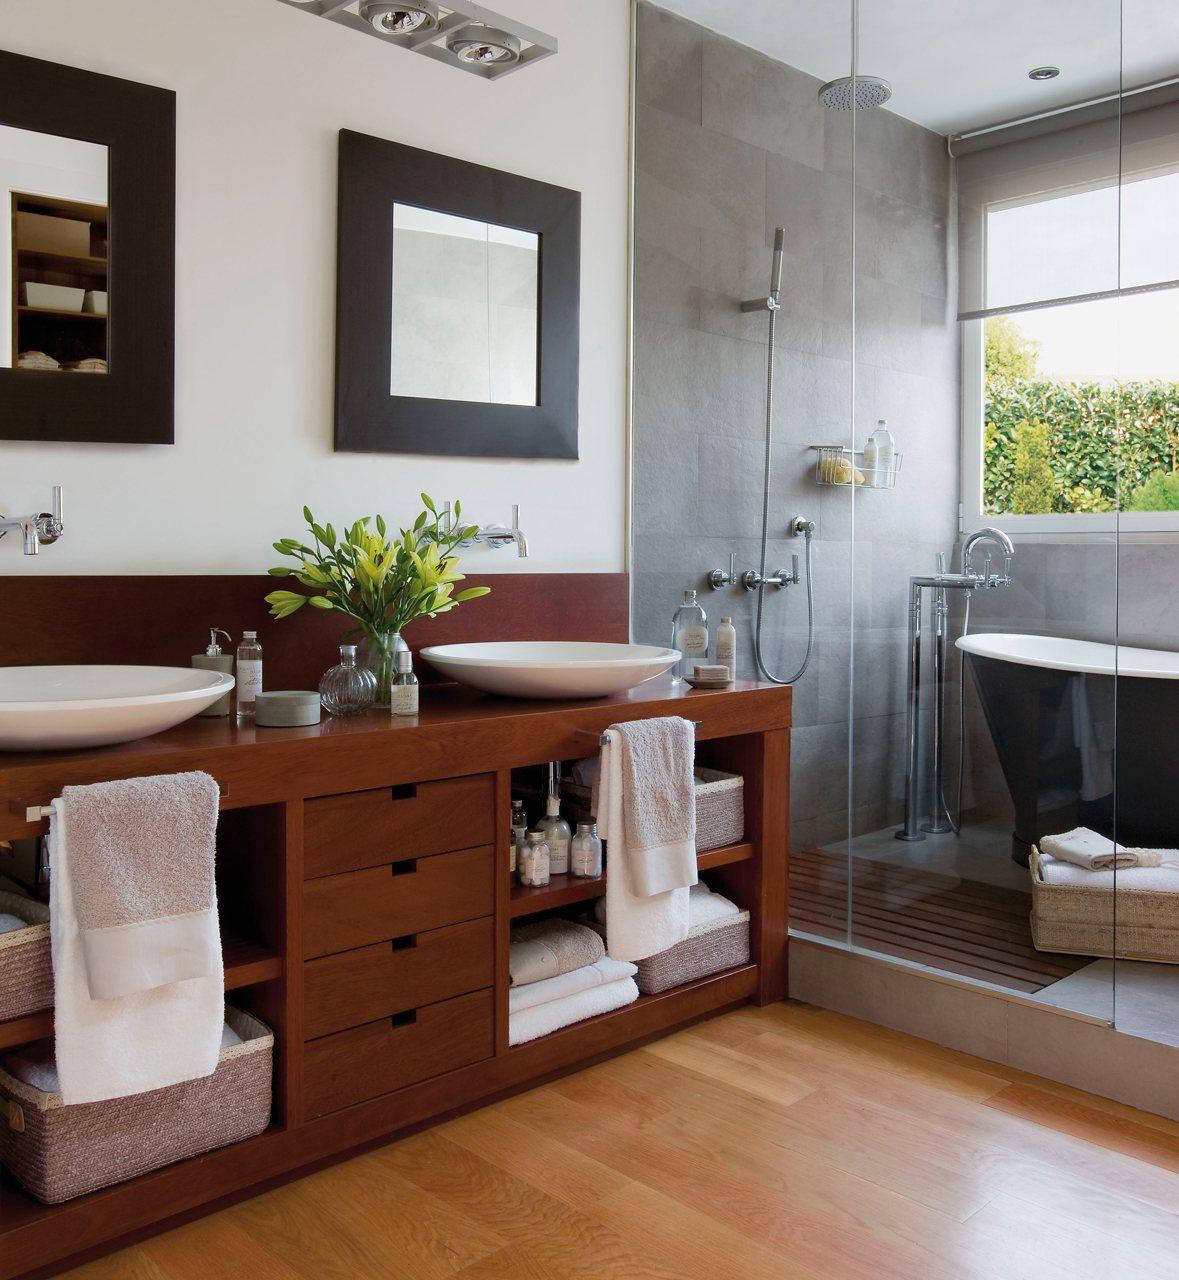 Organizar bien el ba o - Banos y duchas ...